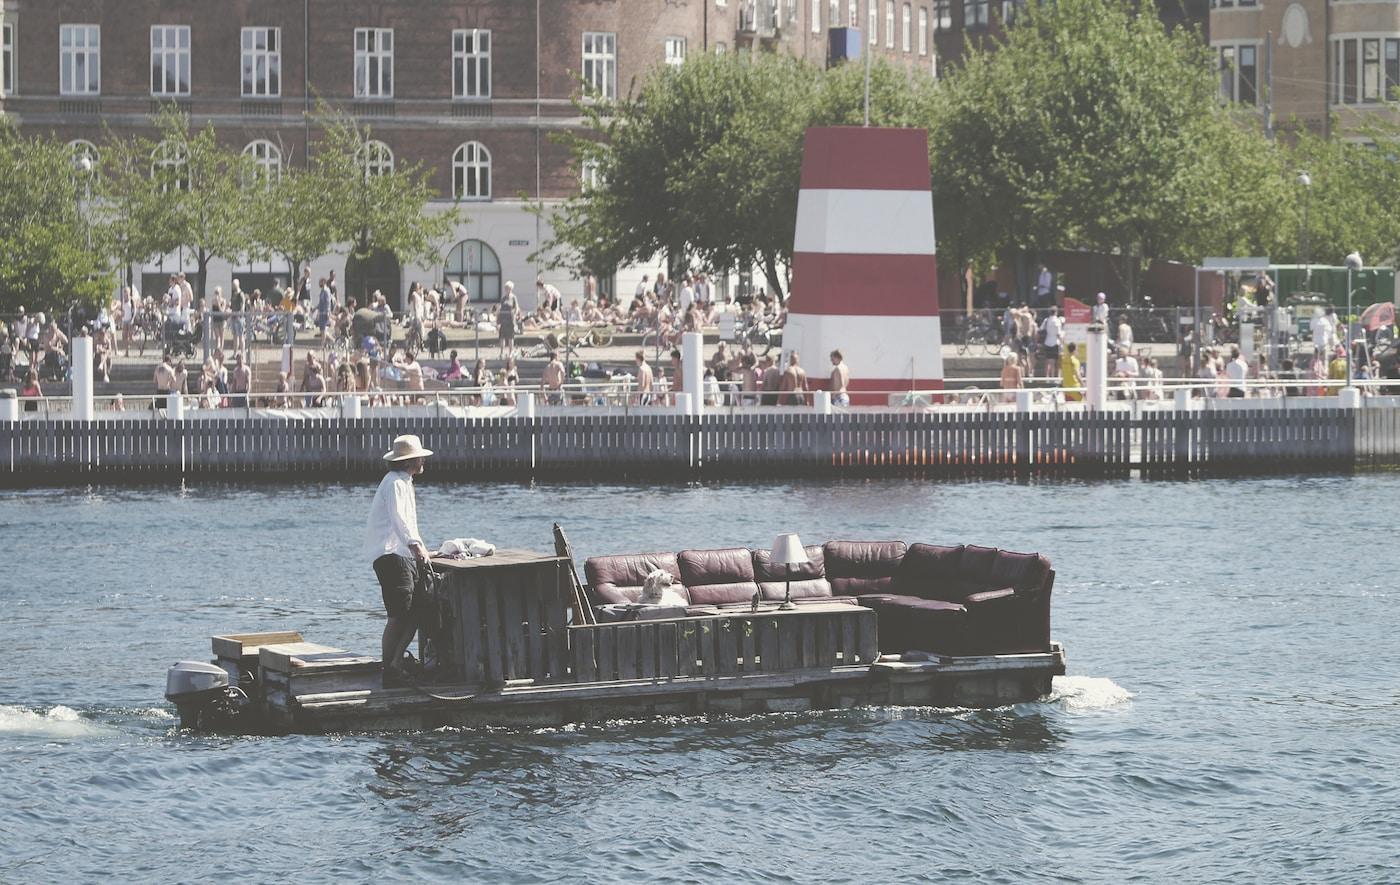 رجل ينقل كنبة كبيرة على طوف في النهر، بينما تظهر مجموعات من الناس والمباني والأشجار على الضفة.